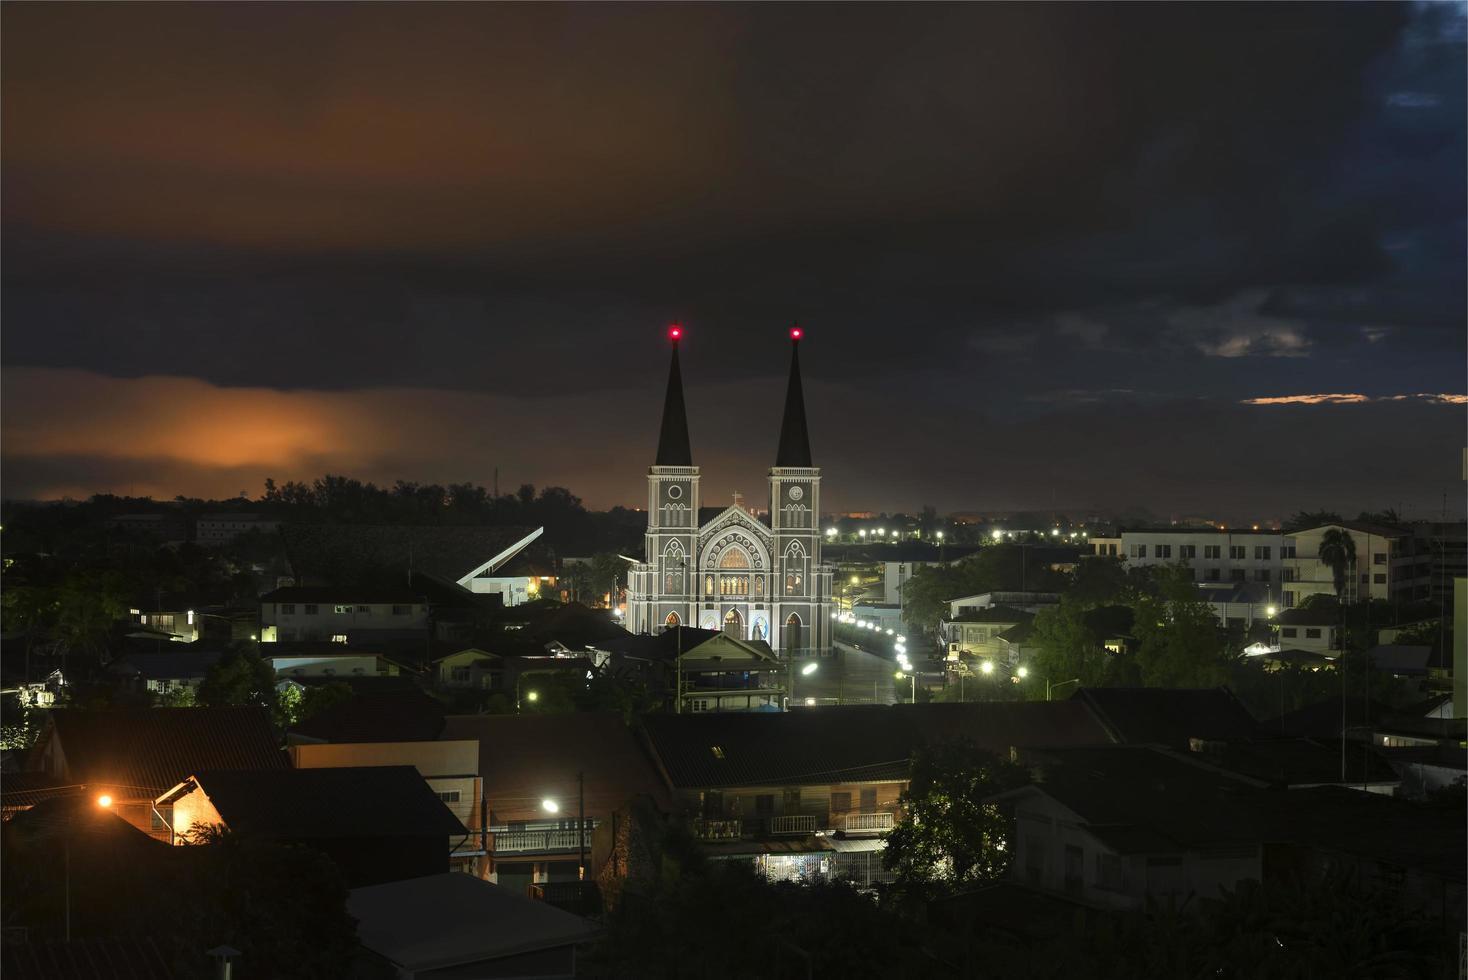 chiesa cattolica di notte foto